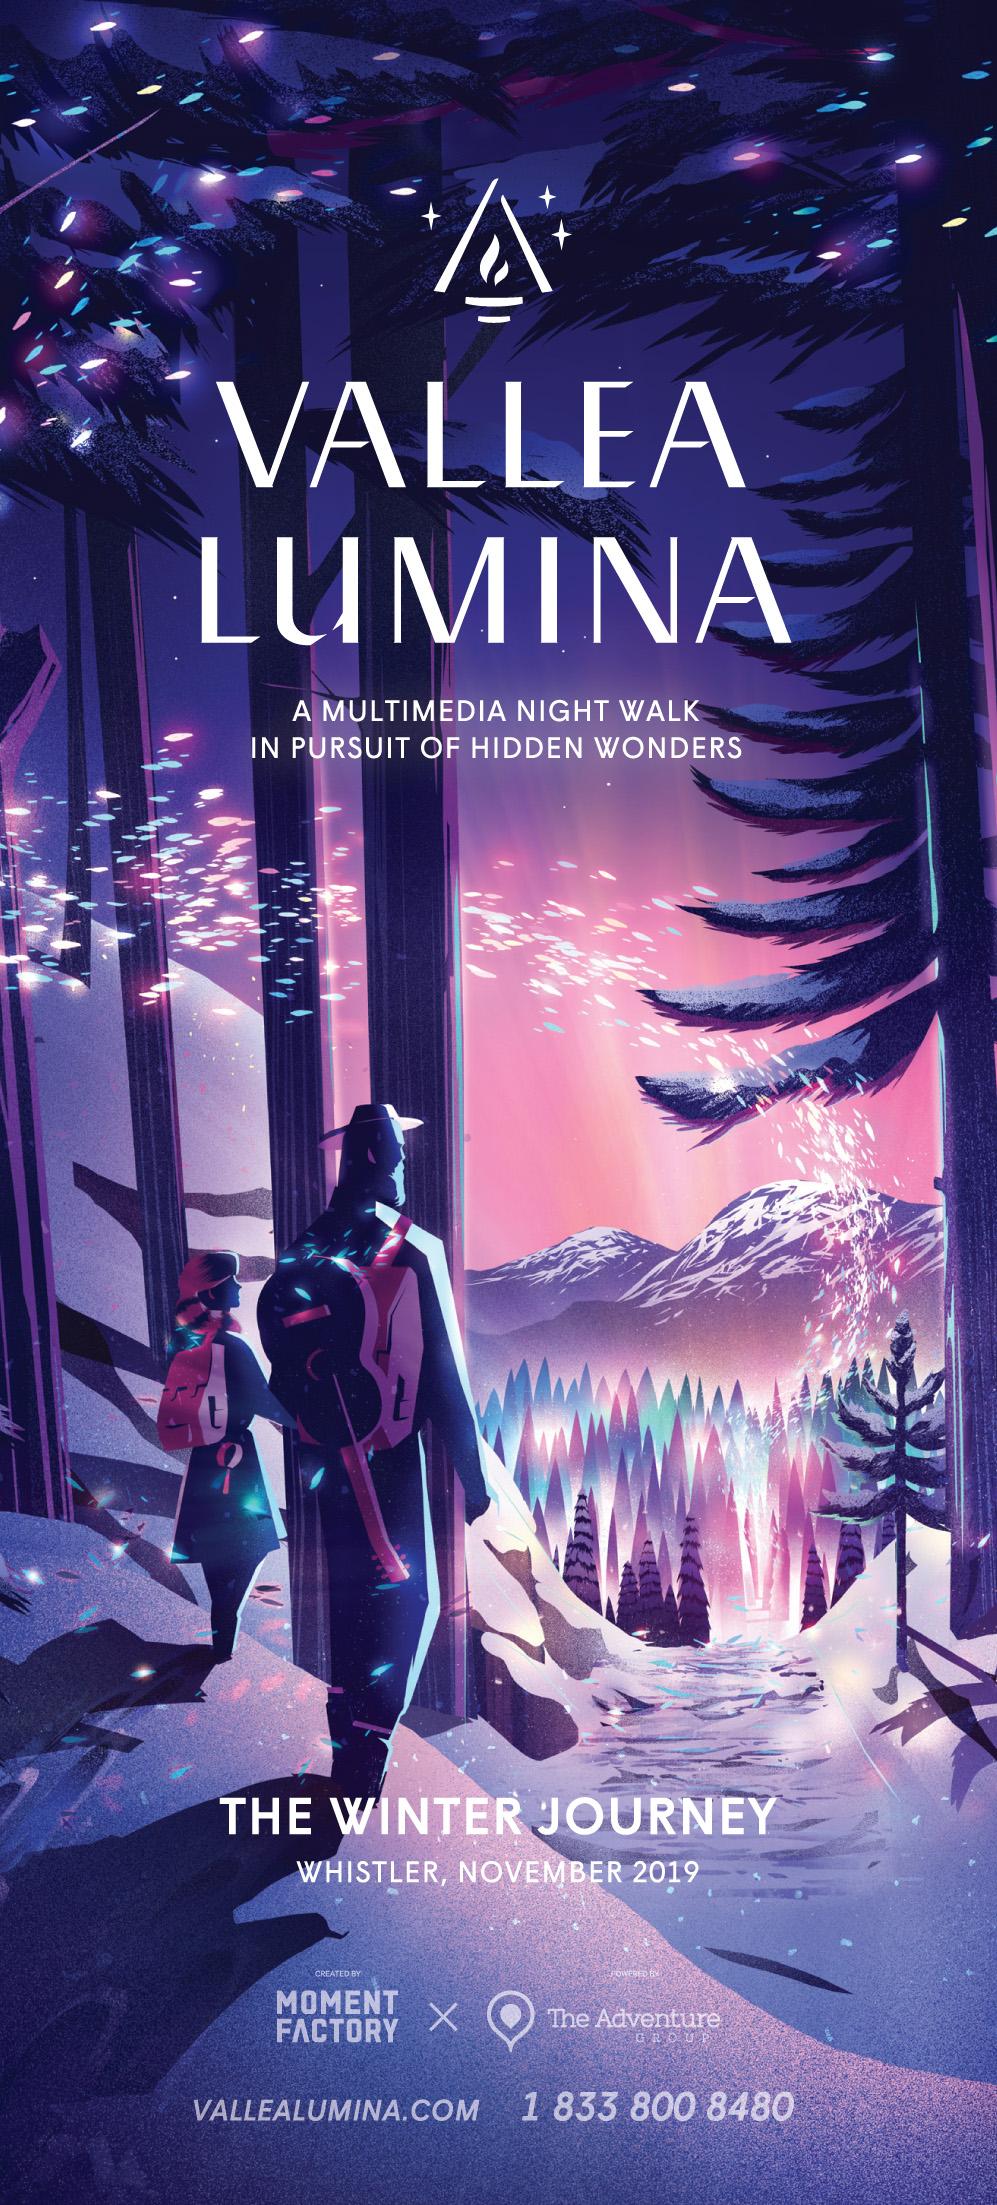 Vallea Lumina - The Adventure Group